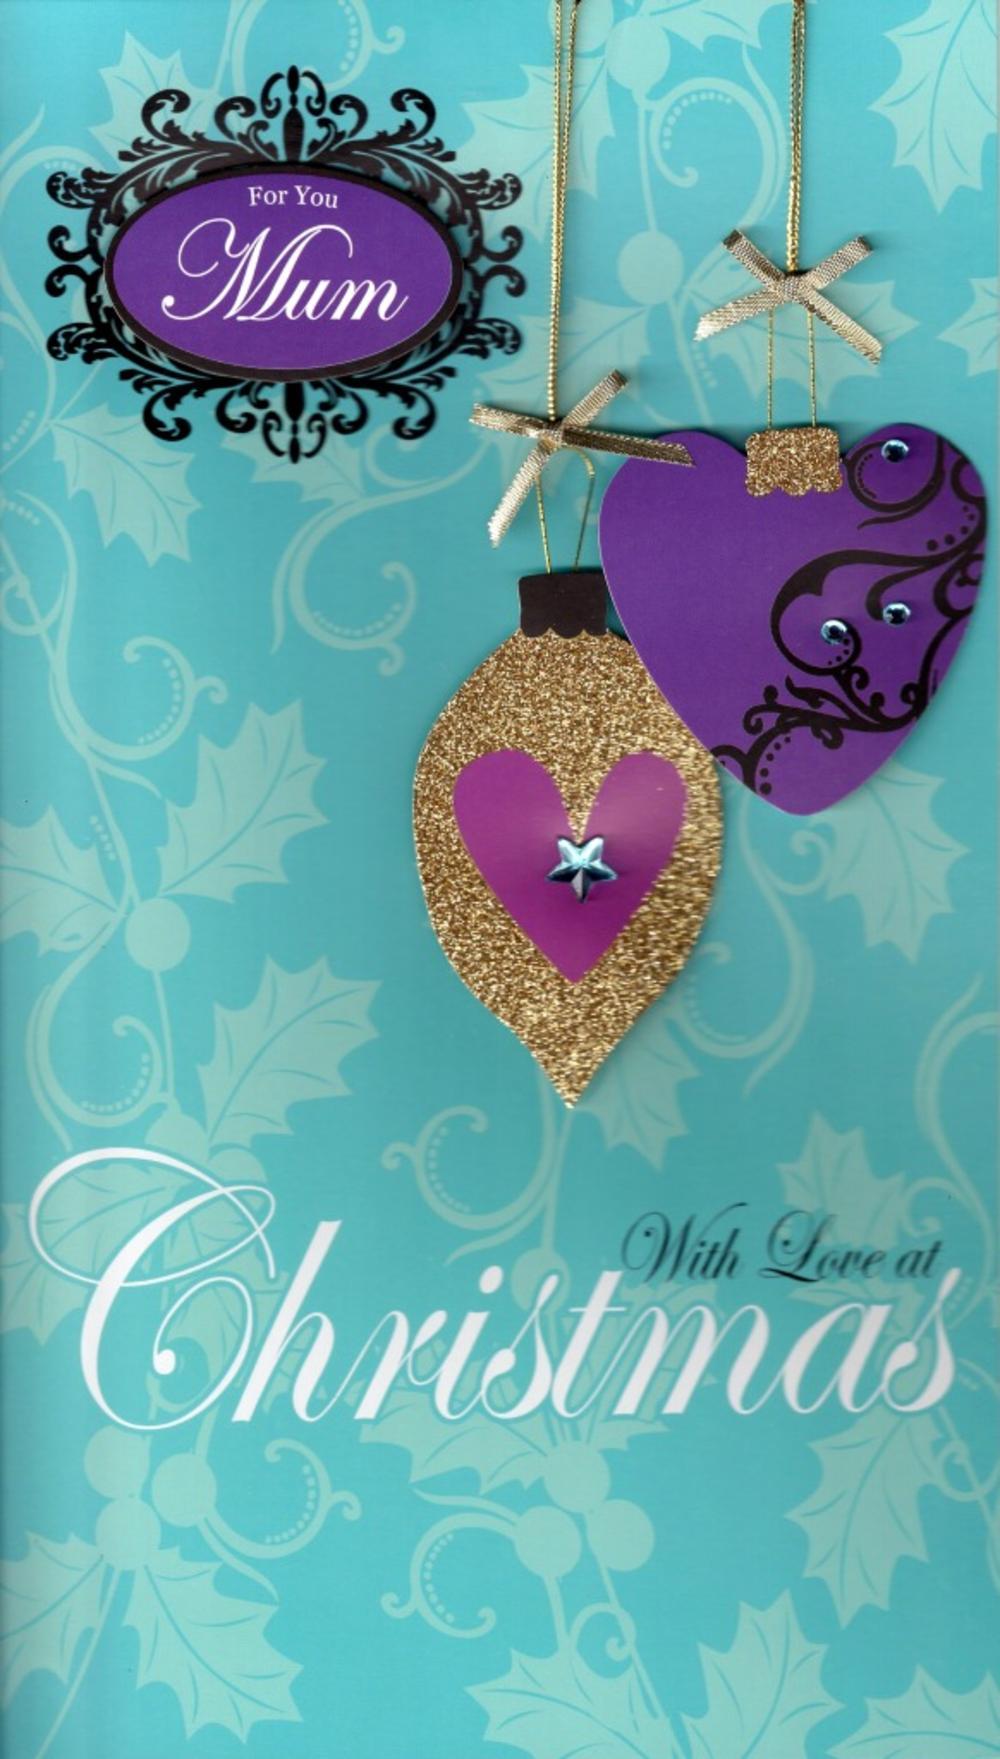 Mum Large Embellished Christmas Card Nice Message